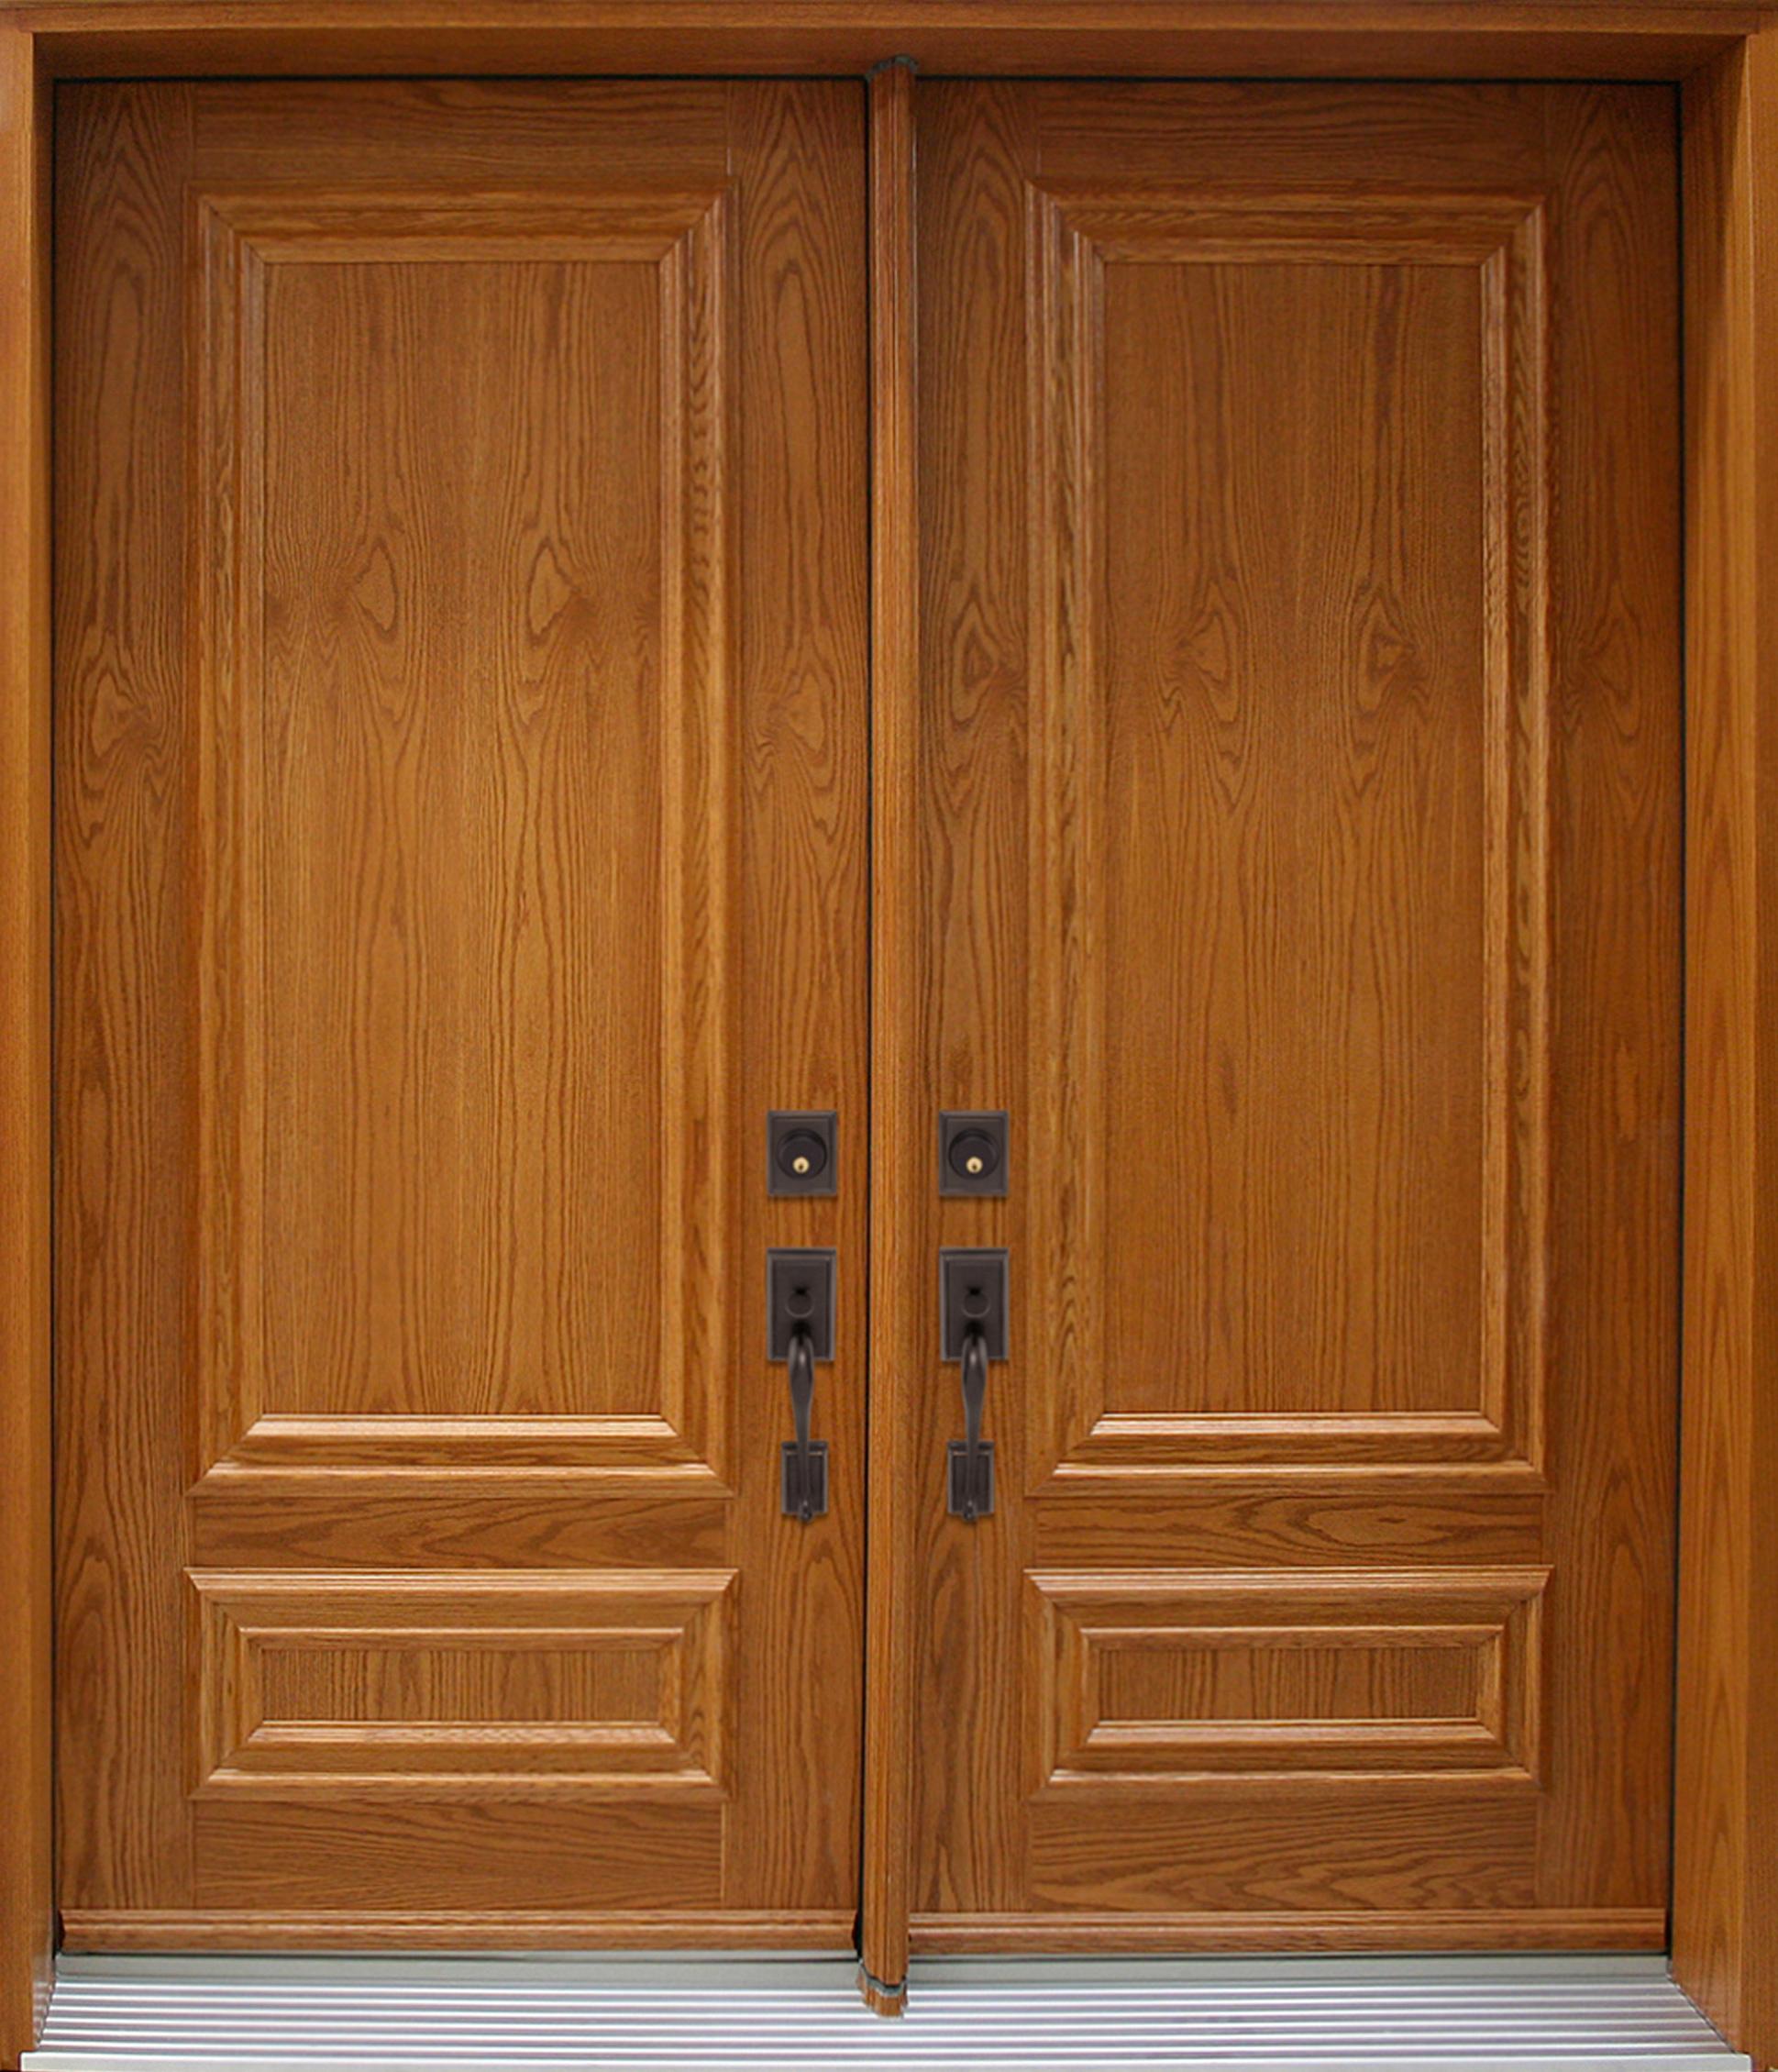 Nb5410 double door steel wood d corative panels oak for New double door